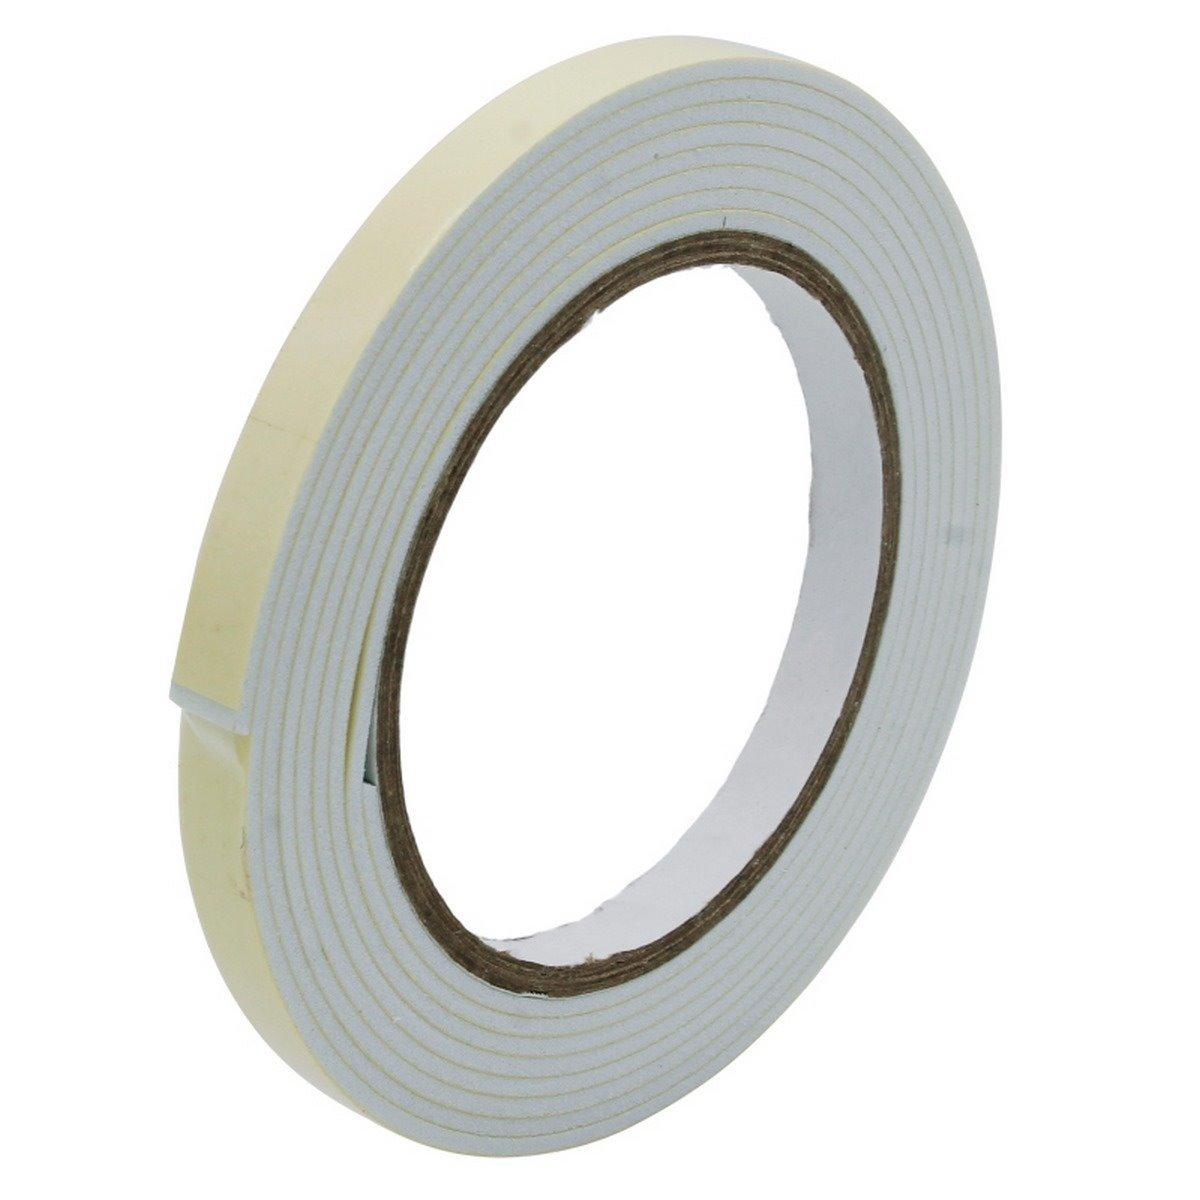 Double Side Foam Tape (10mmx1.2 cm)